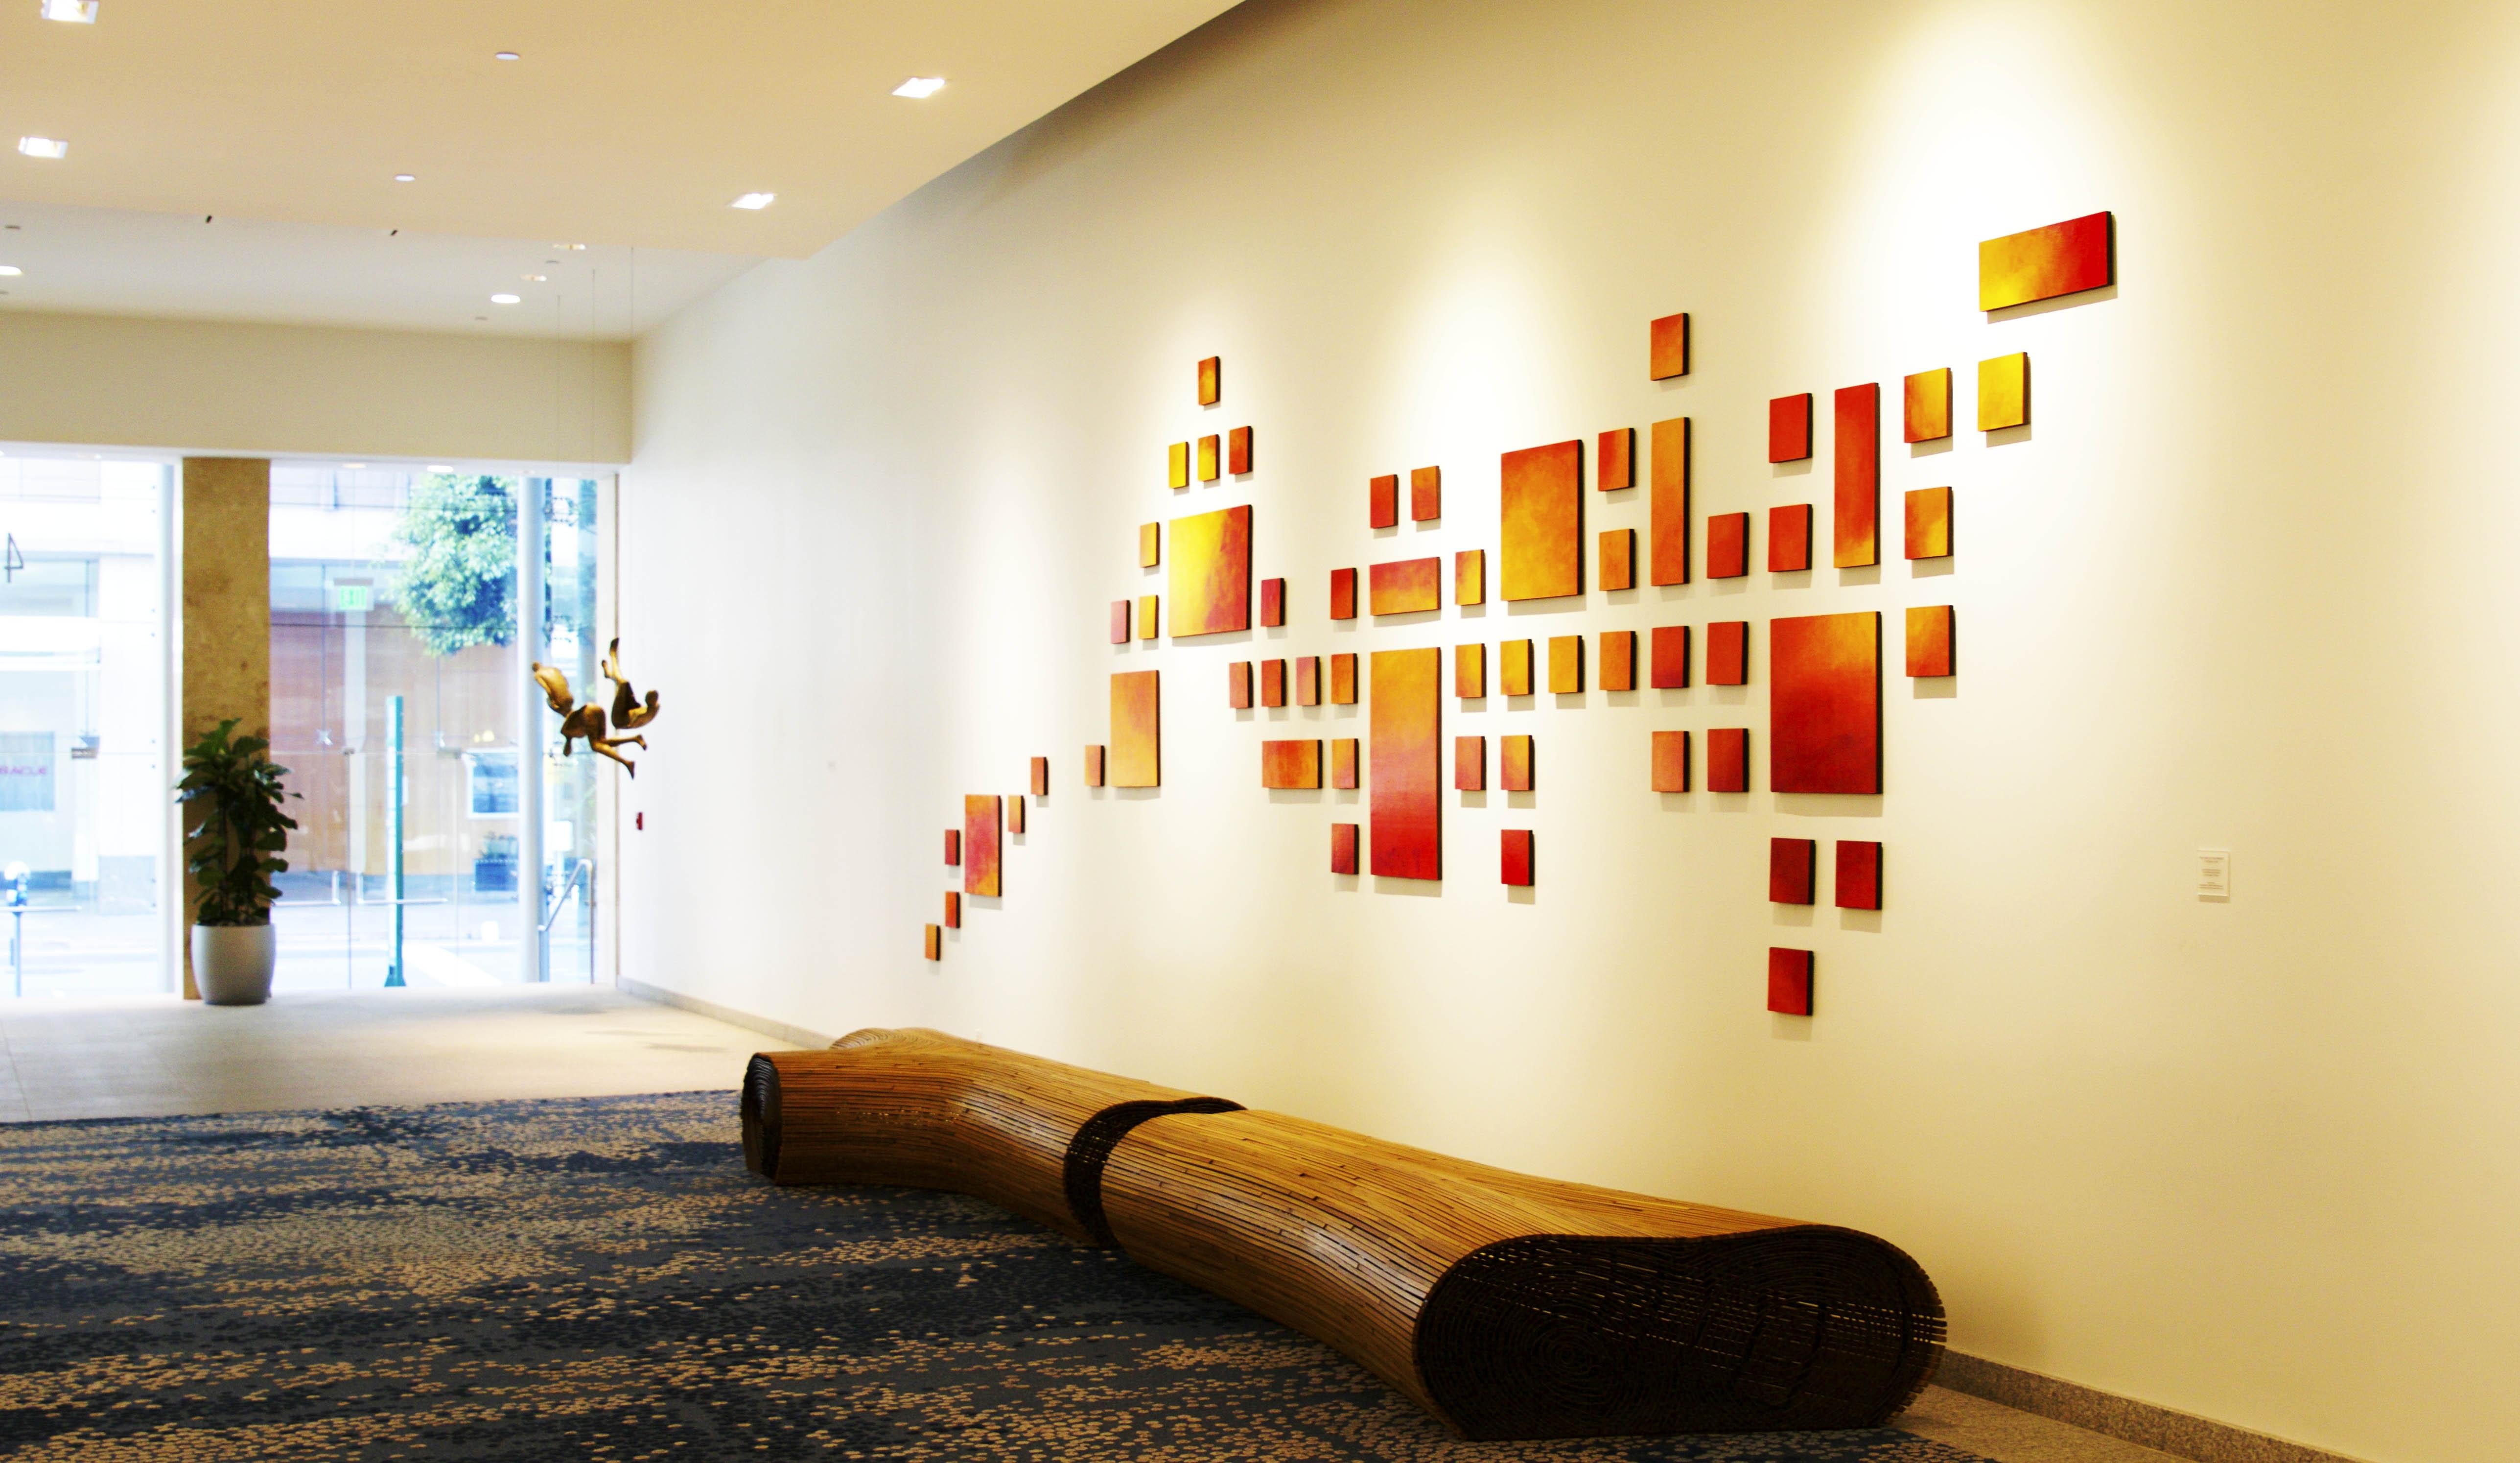 Rosemary Pierce Modern Art | Original Wall Sculpture Art Installations With Newest Modern Wall Art (View 12 of 15)